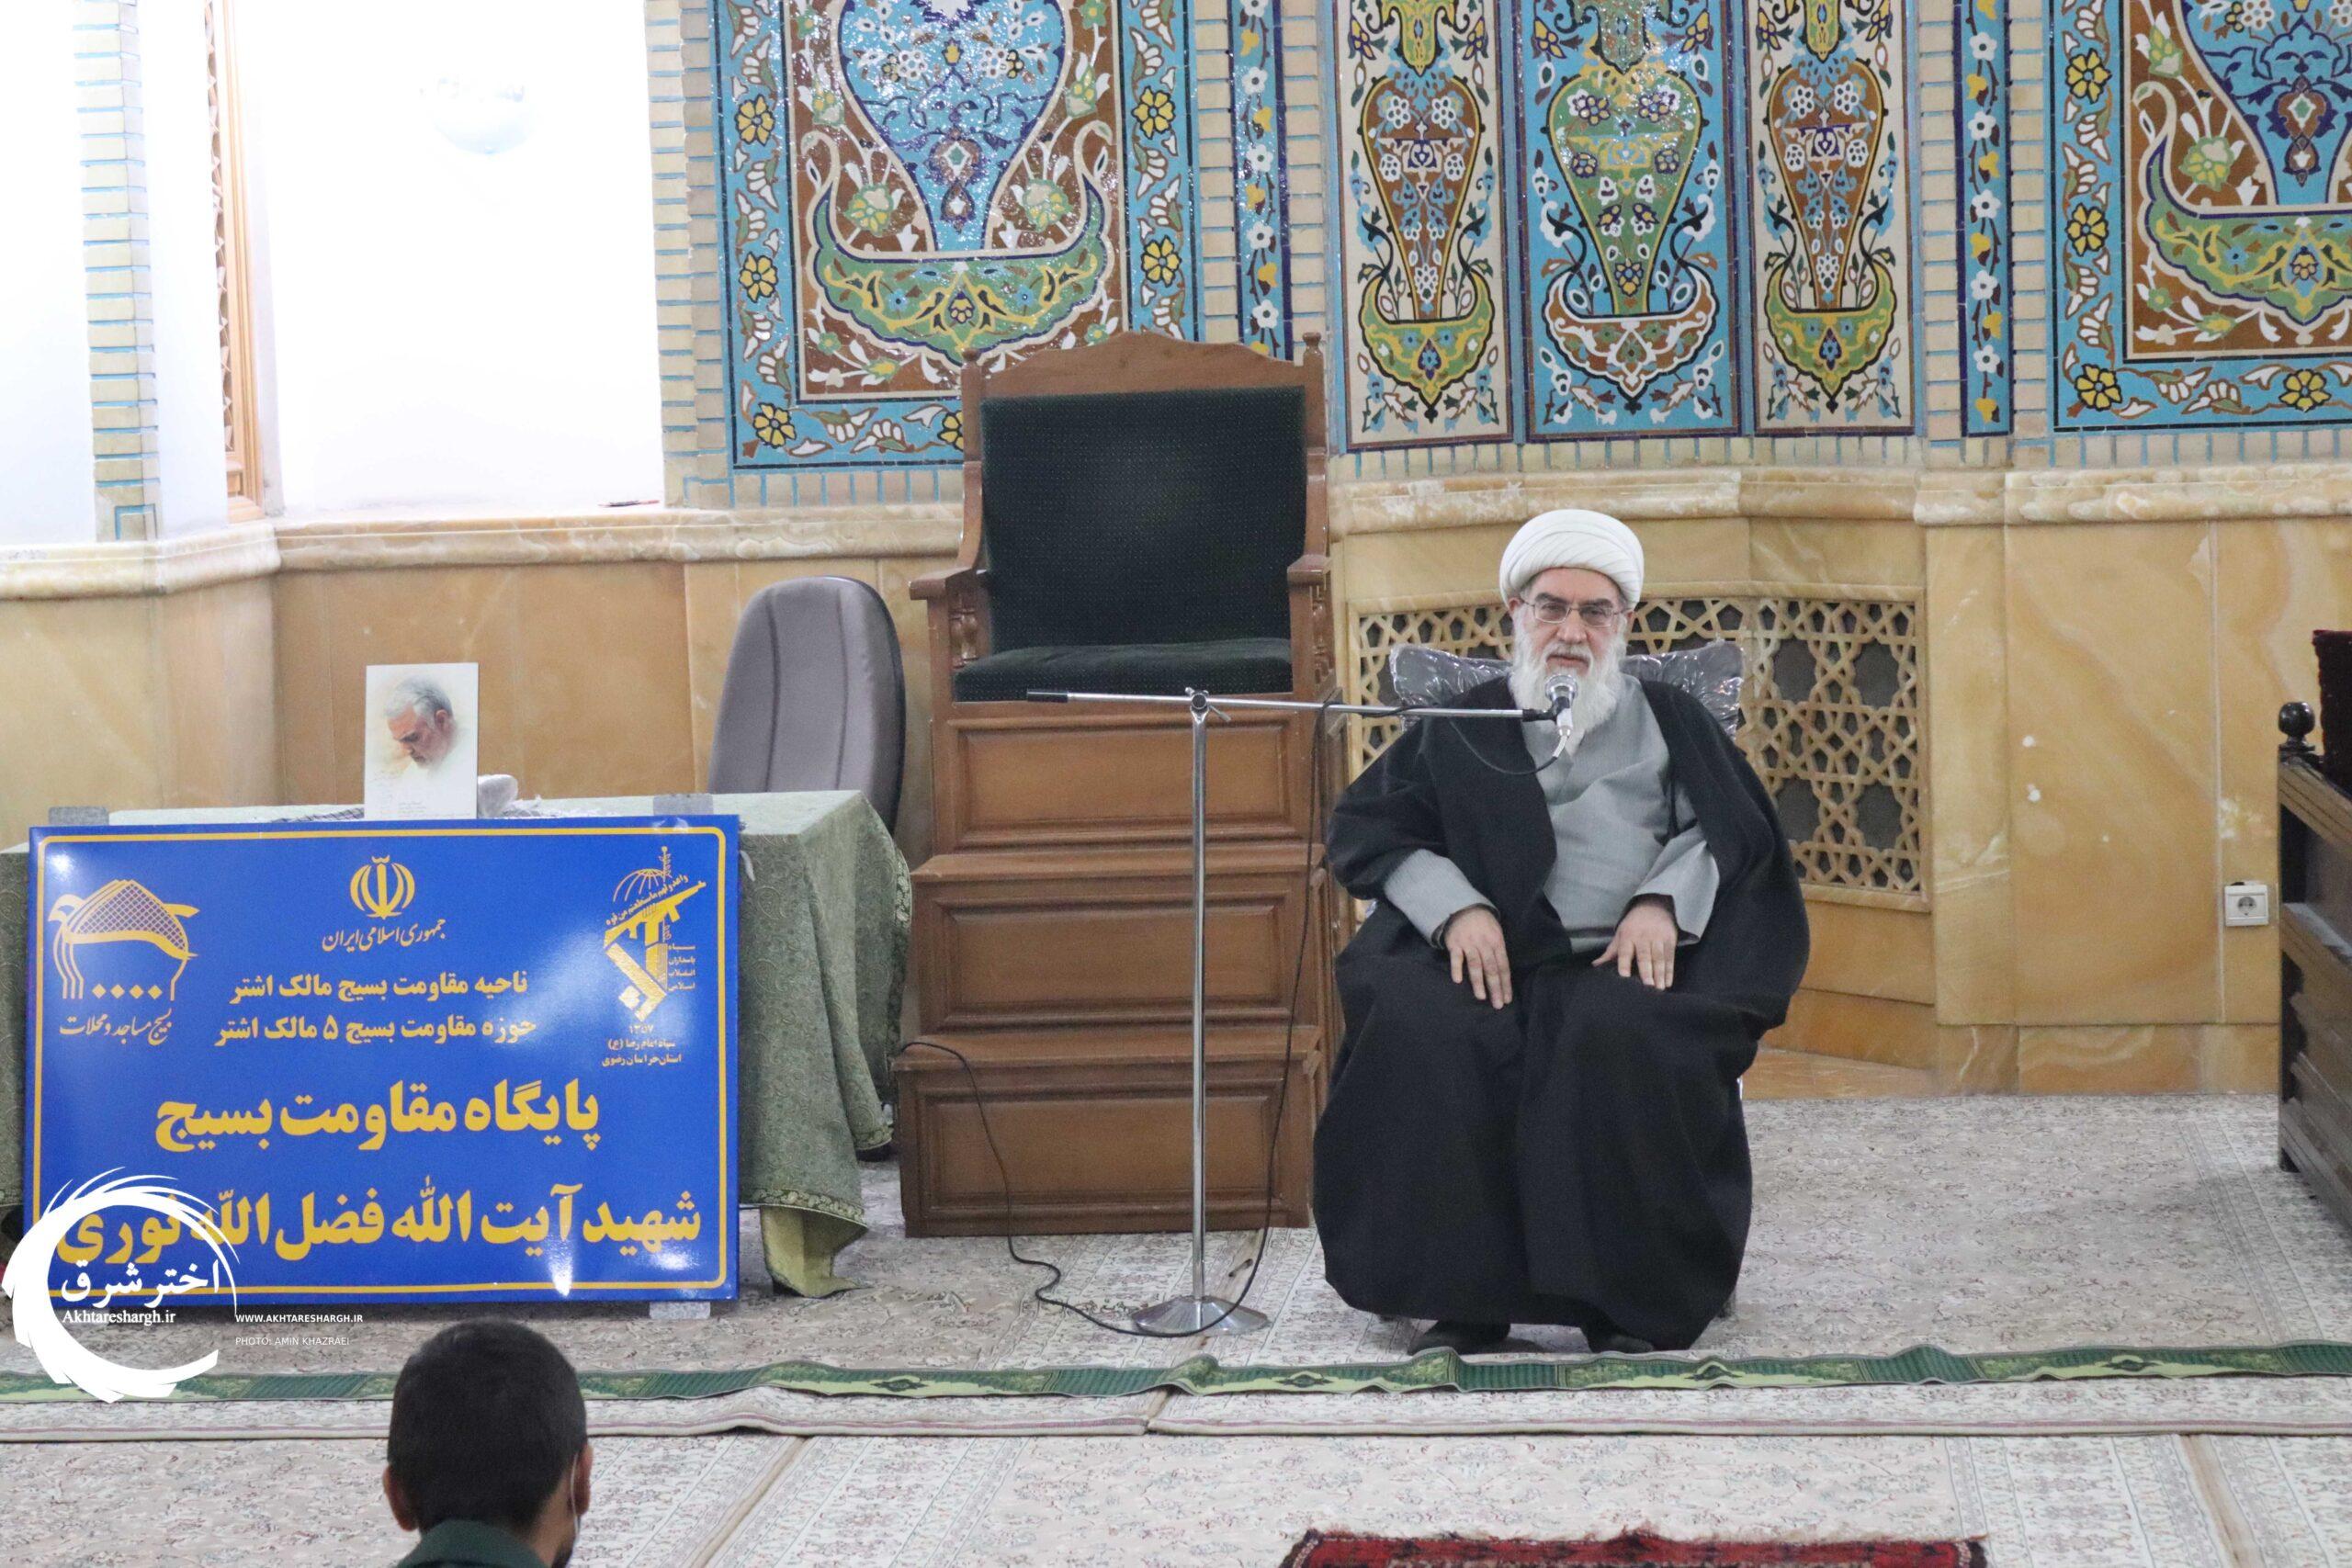 گزارش تصویری از افتتاح پایگاه مقاومت بسیج شهید فضلالله نوری در مسجد حوض لقمان مشهد